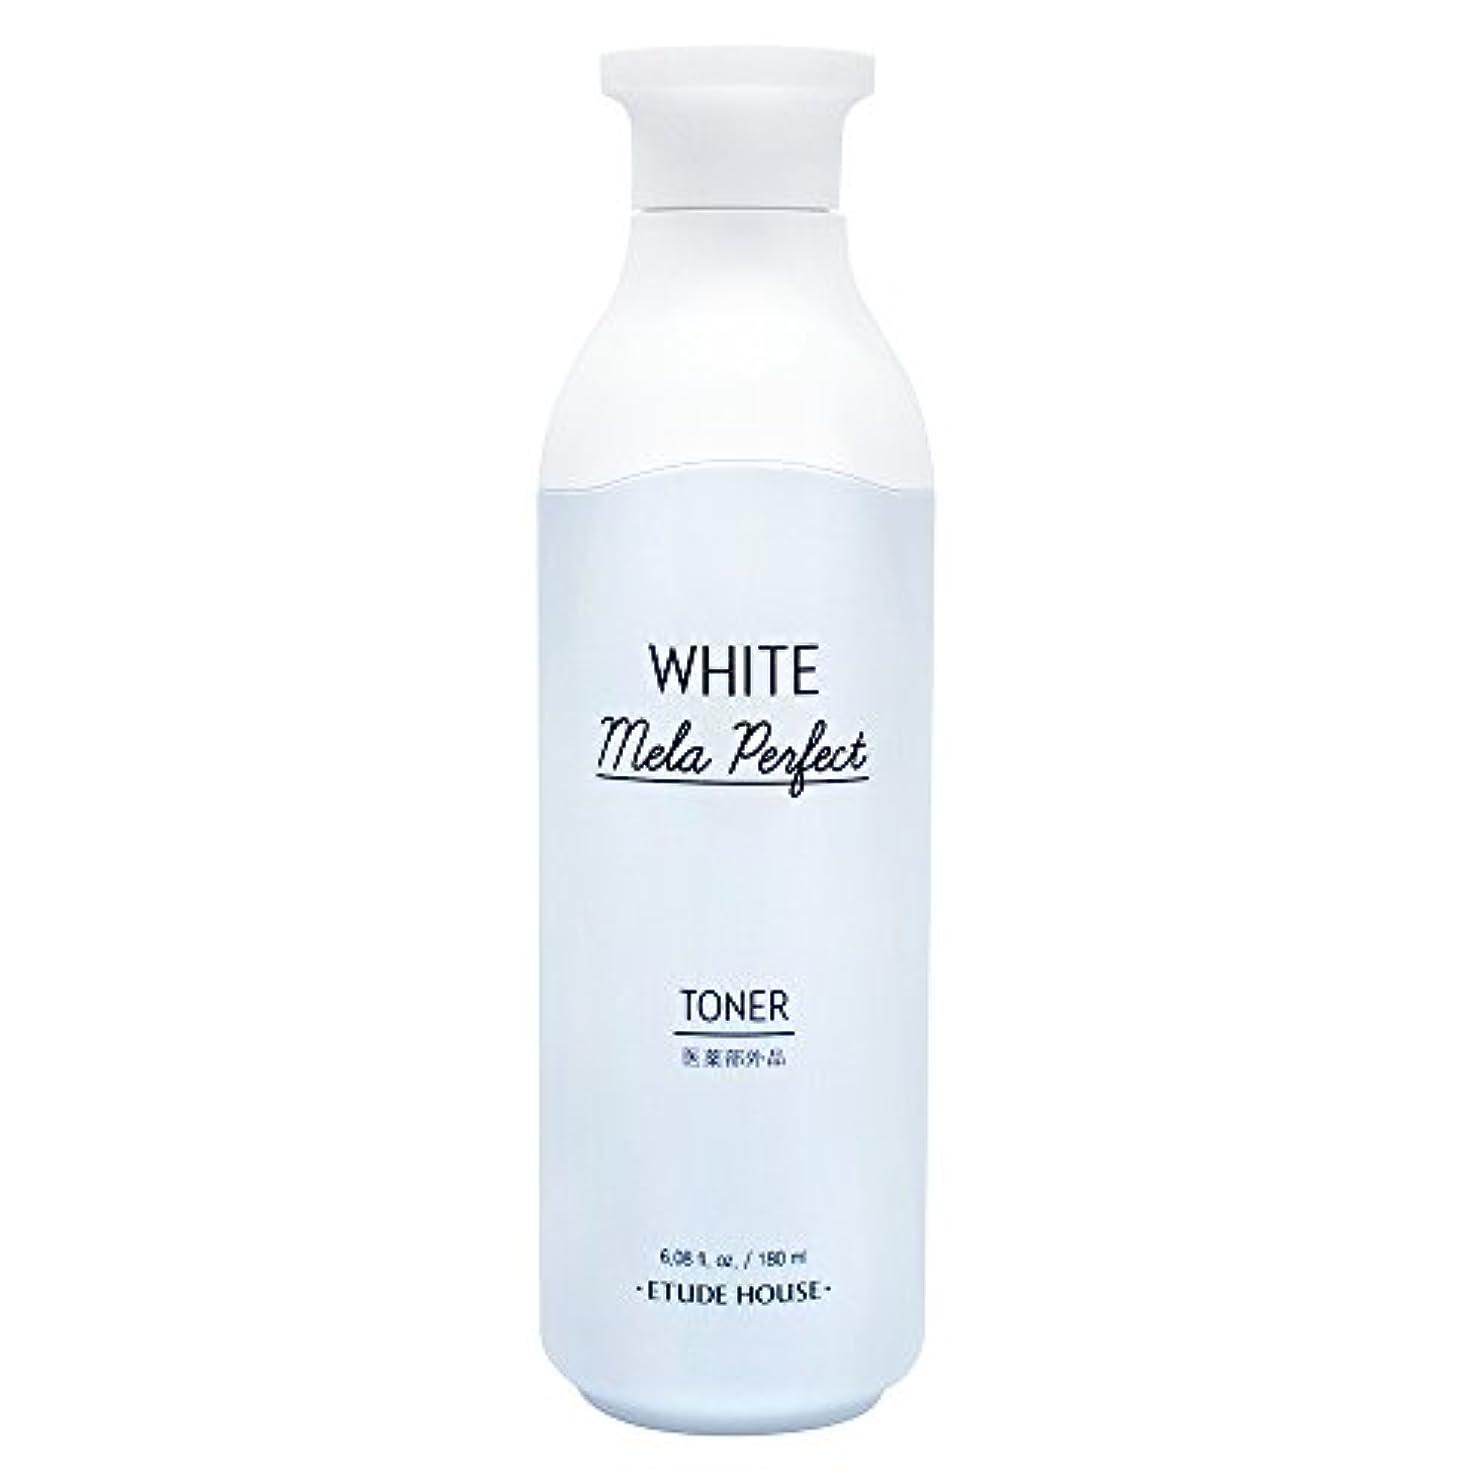 私たち自身富豪動機エチュードハウス(ETUDE HOUSE) ホワイトメラパーフェクト トナー[化粧水、美白化粧水]